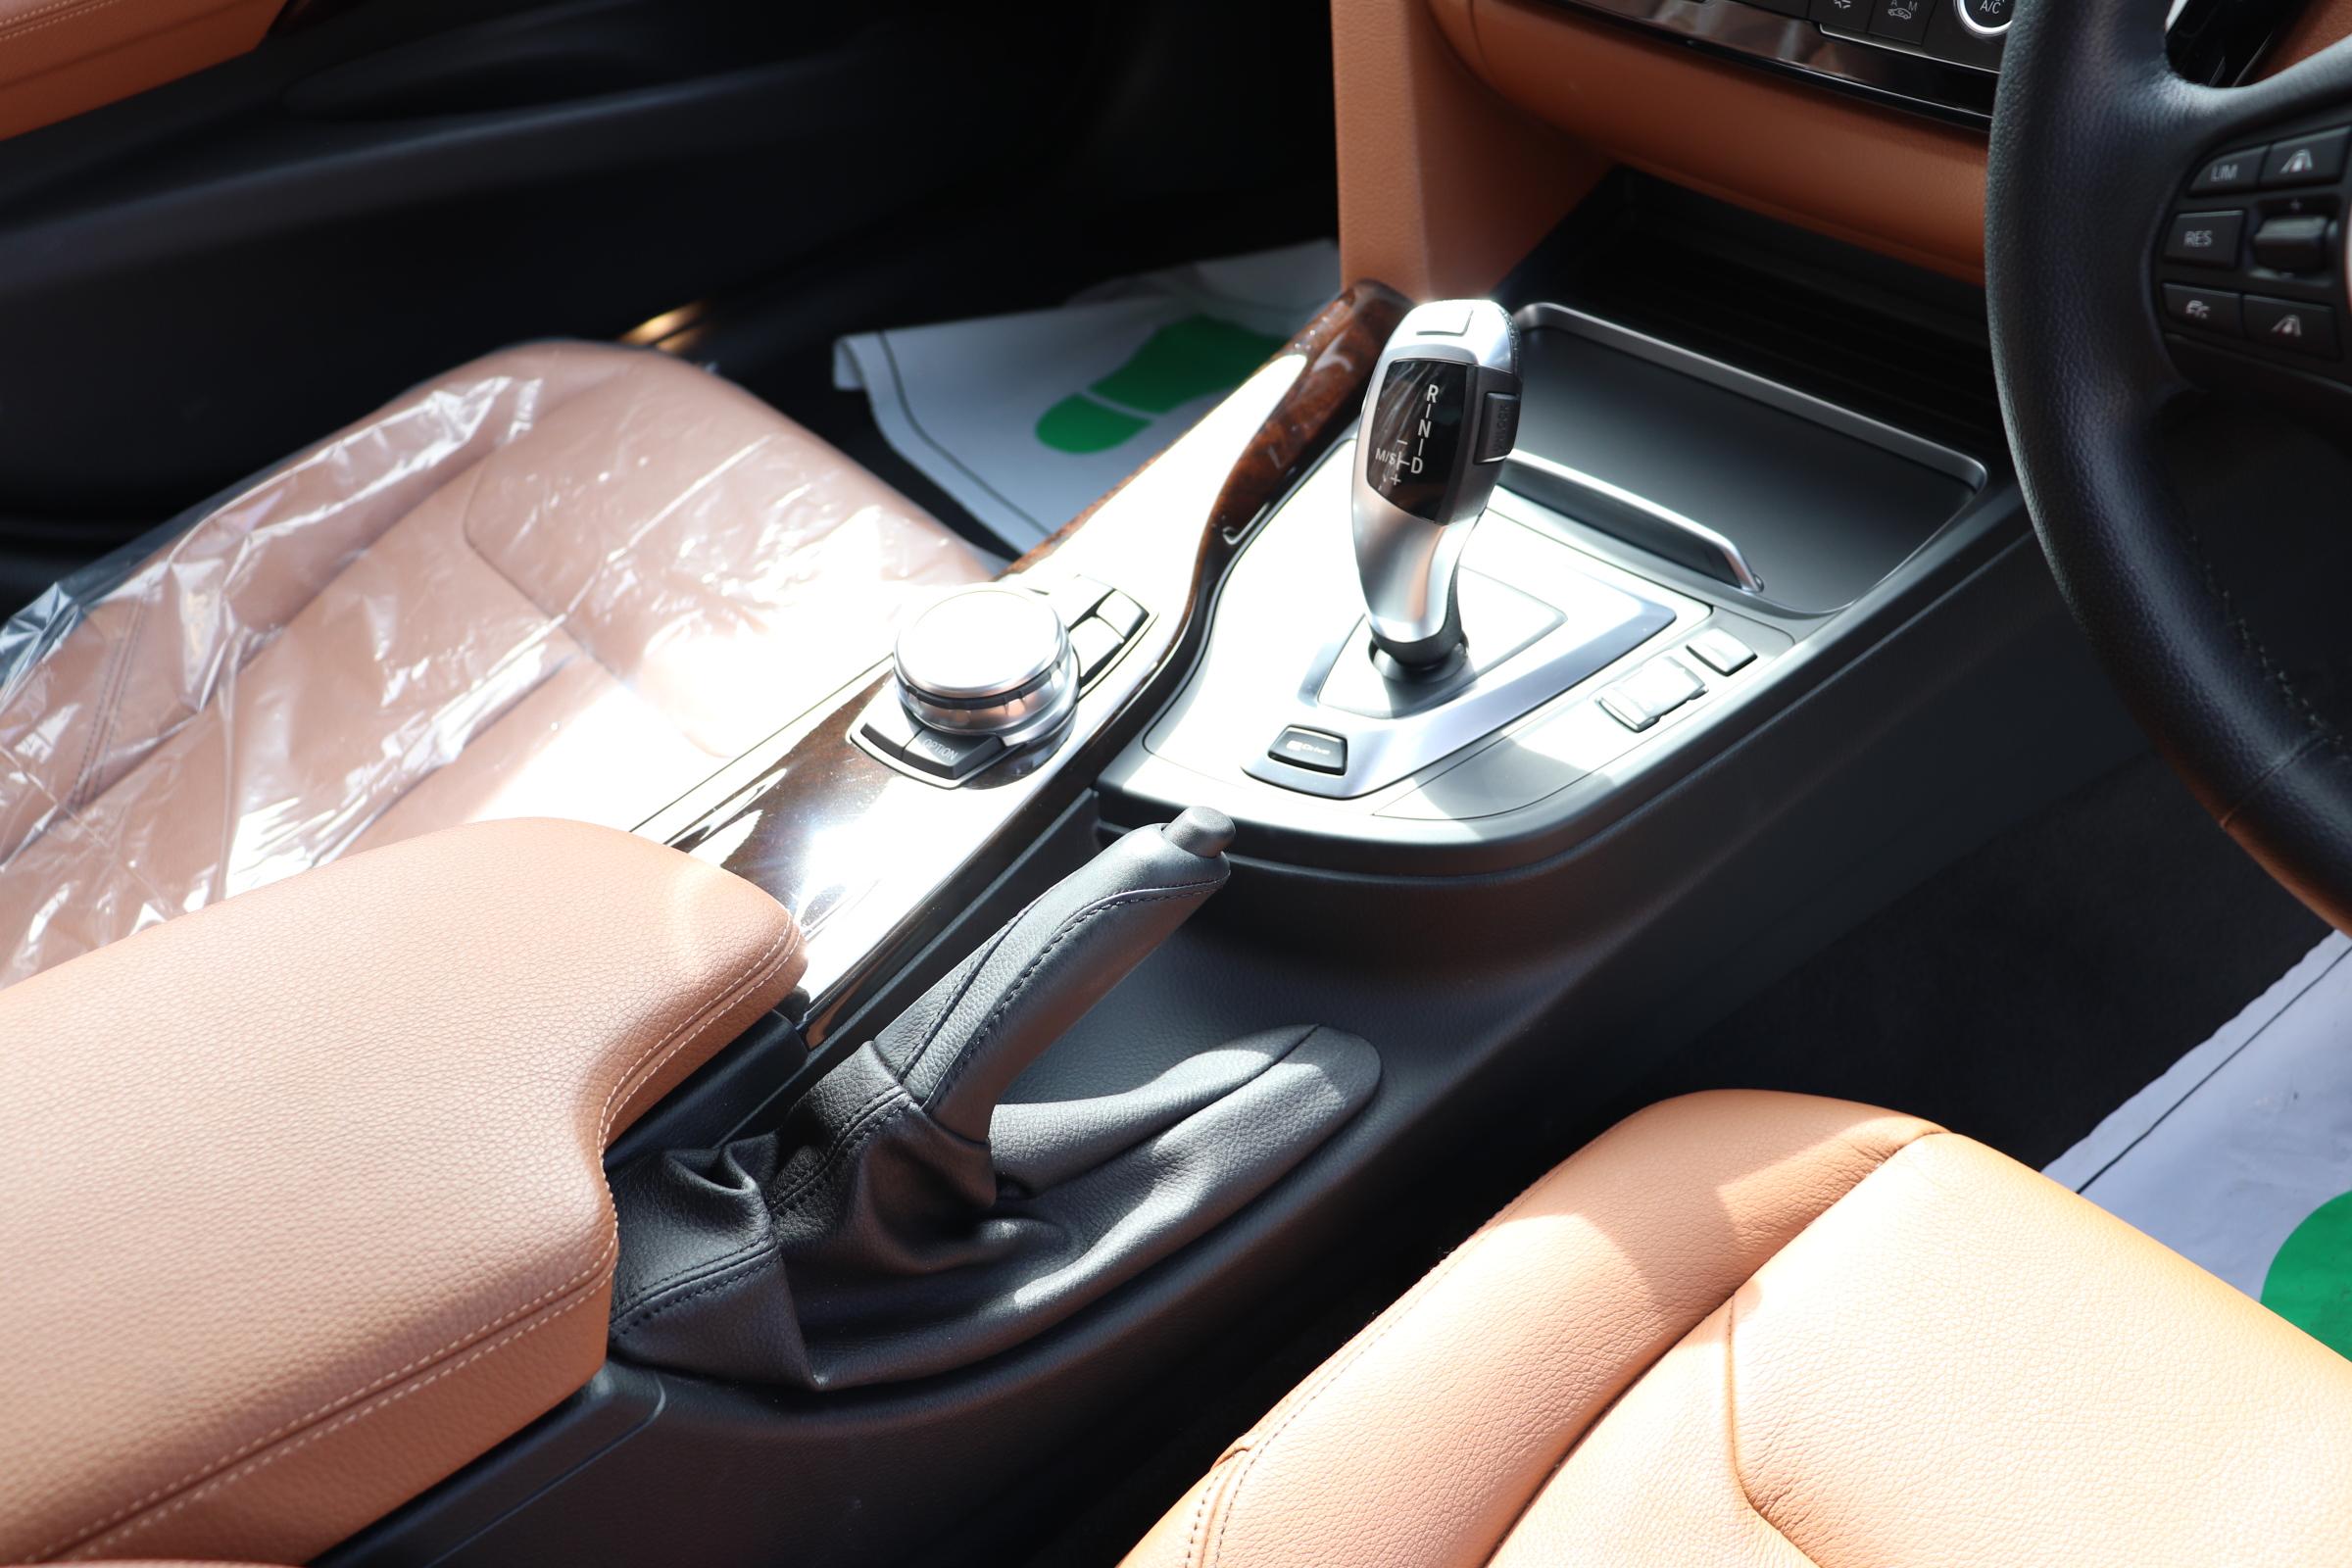 330eラグジュアリー BEAMコンプリートカー ブラウンレザーシート シートヒーター車両画像15